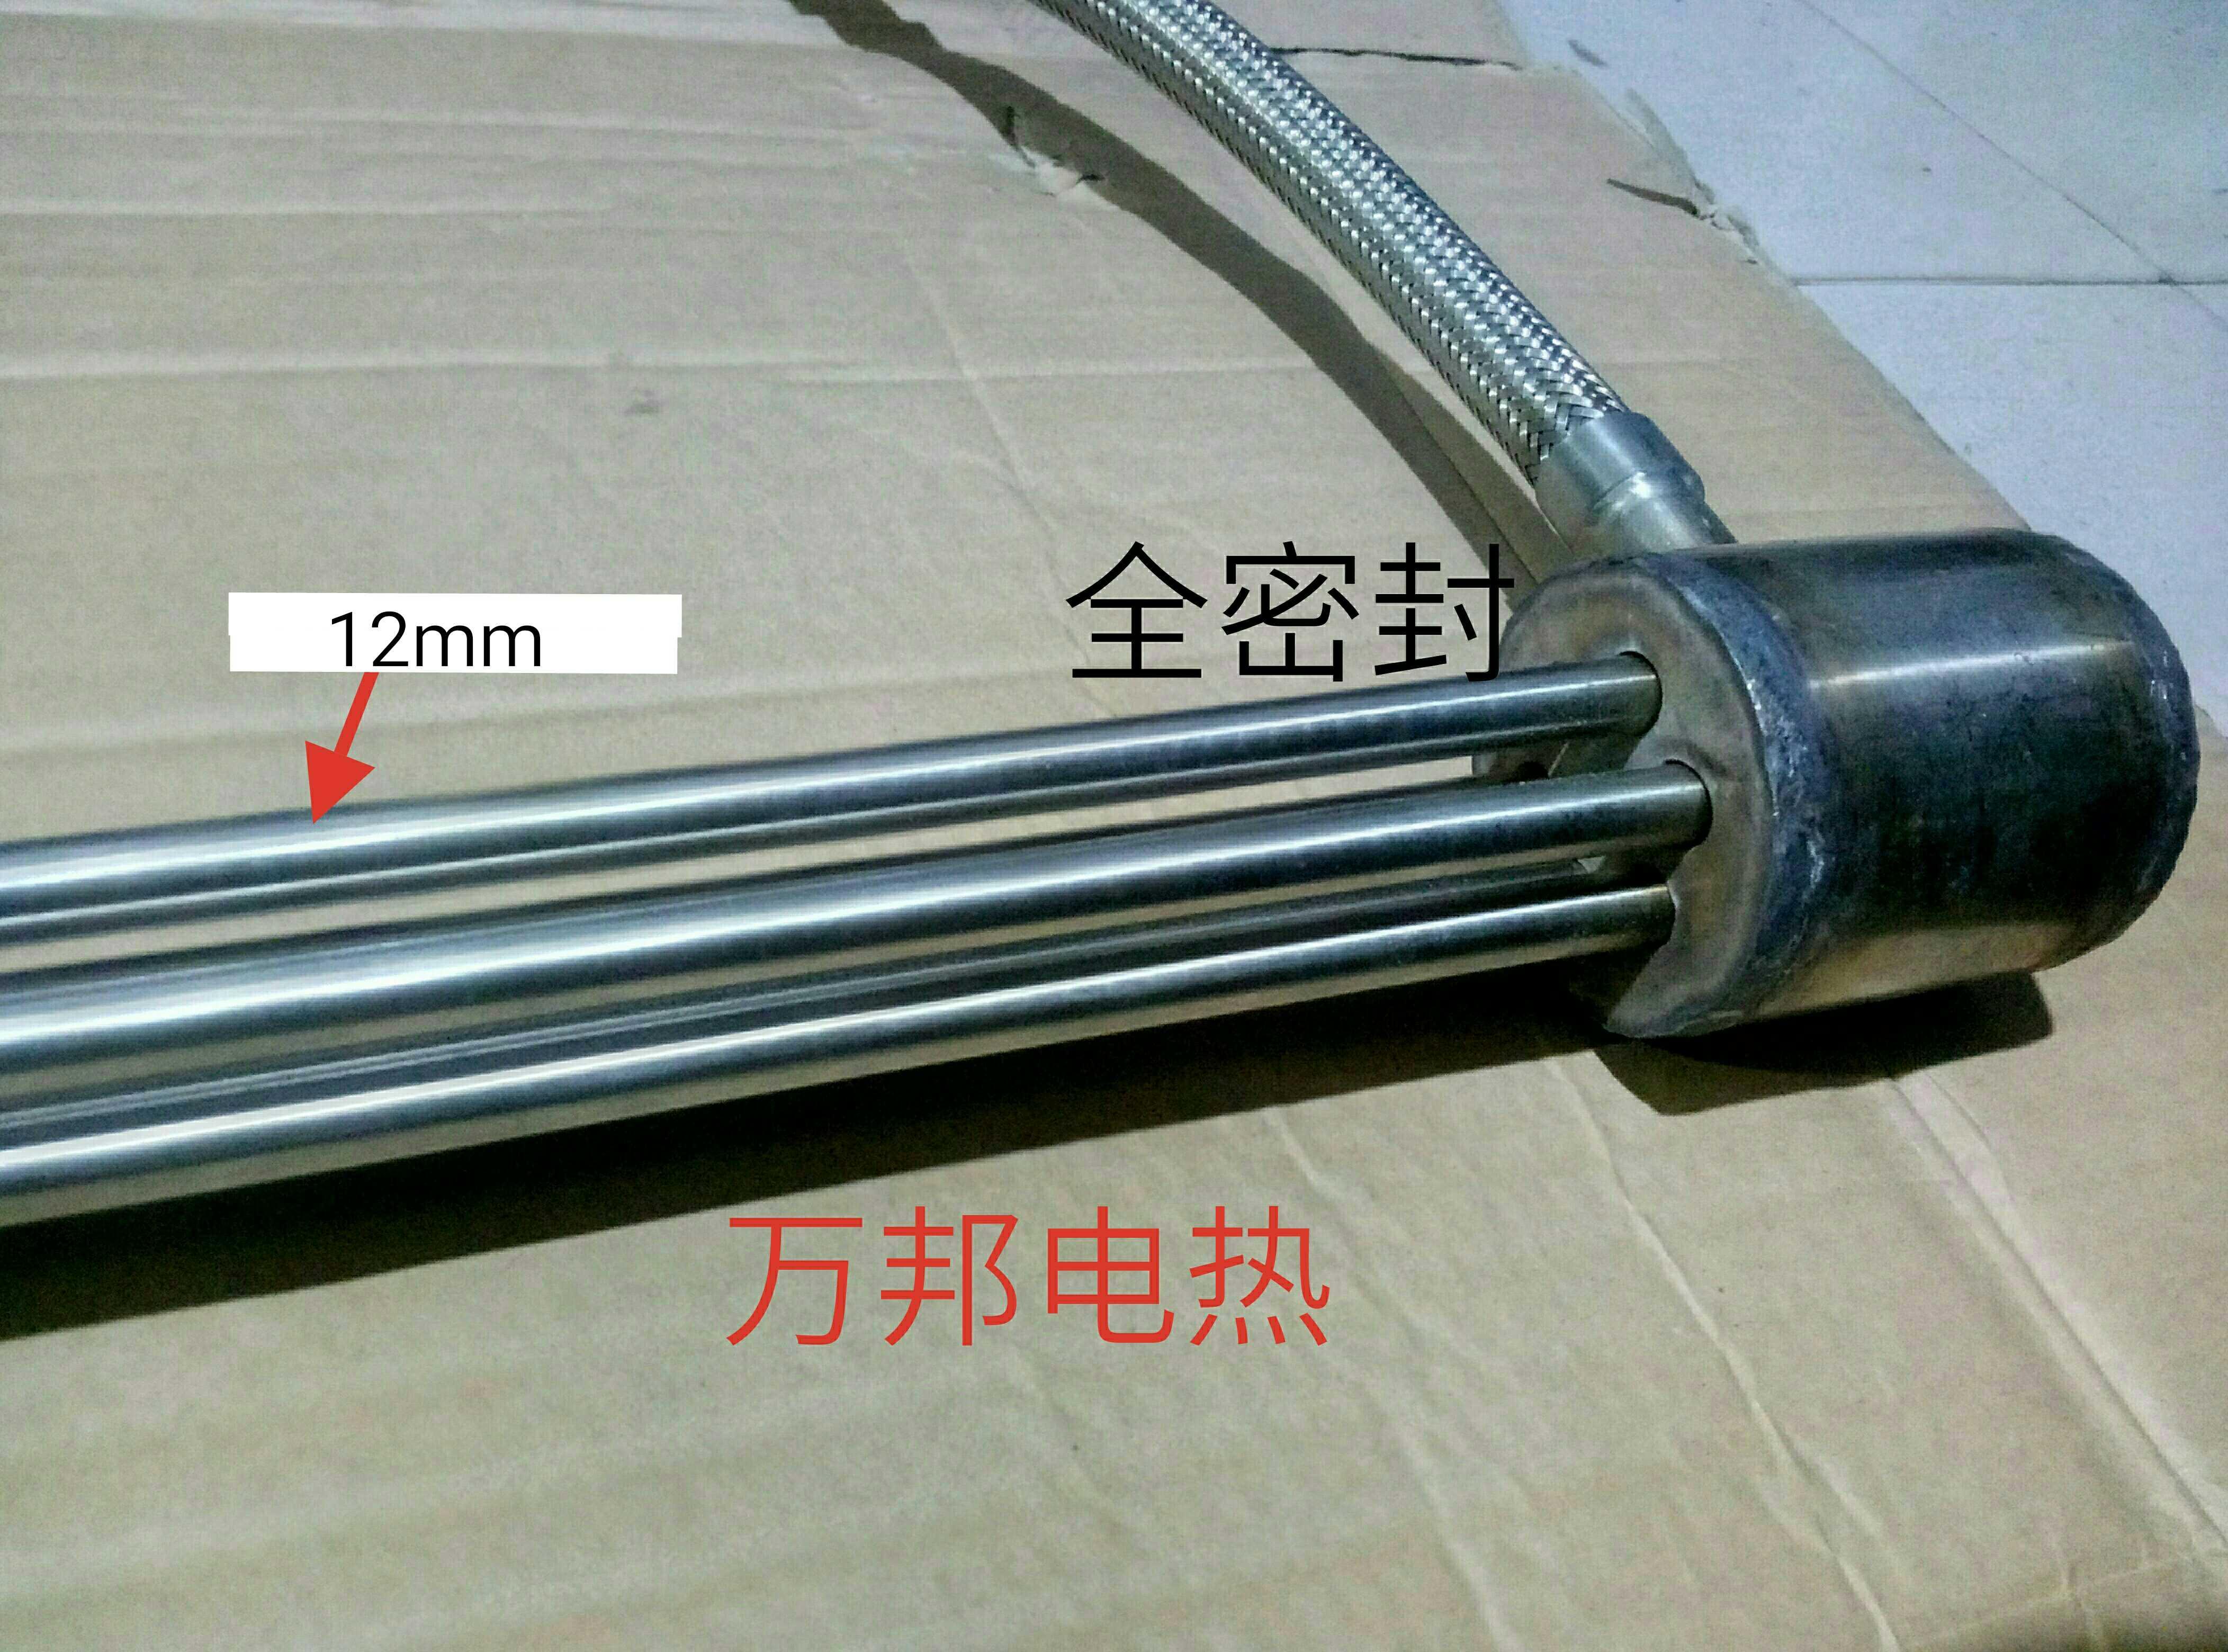 potapljanje v vodo velike moči grelnik vode v cevi za ogrevanje palice, cevi za ogrevanje industrijski grelniki; olje za ogrevanje